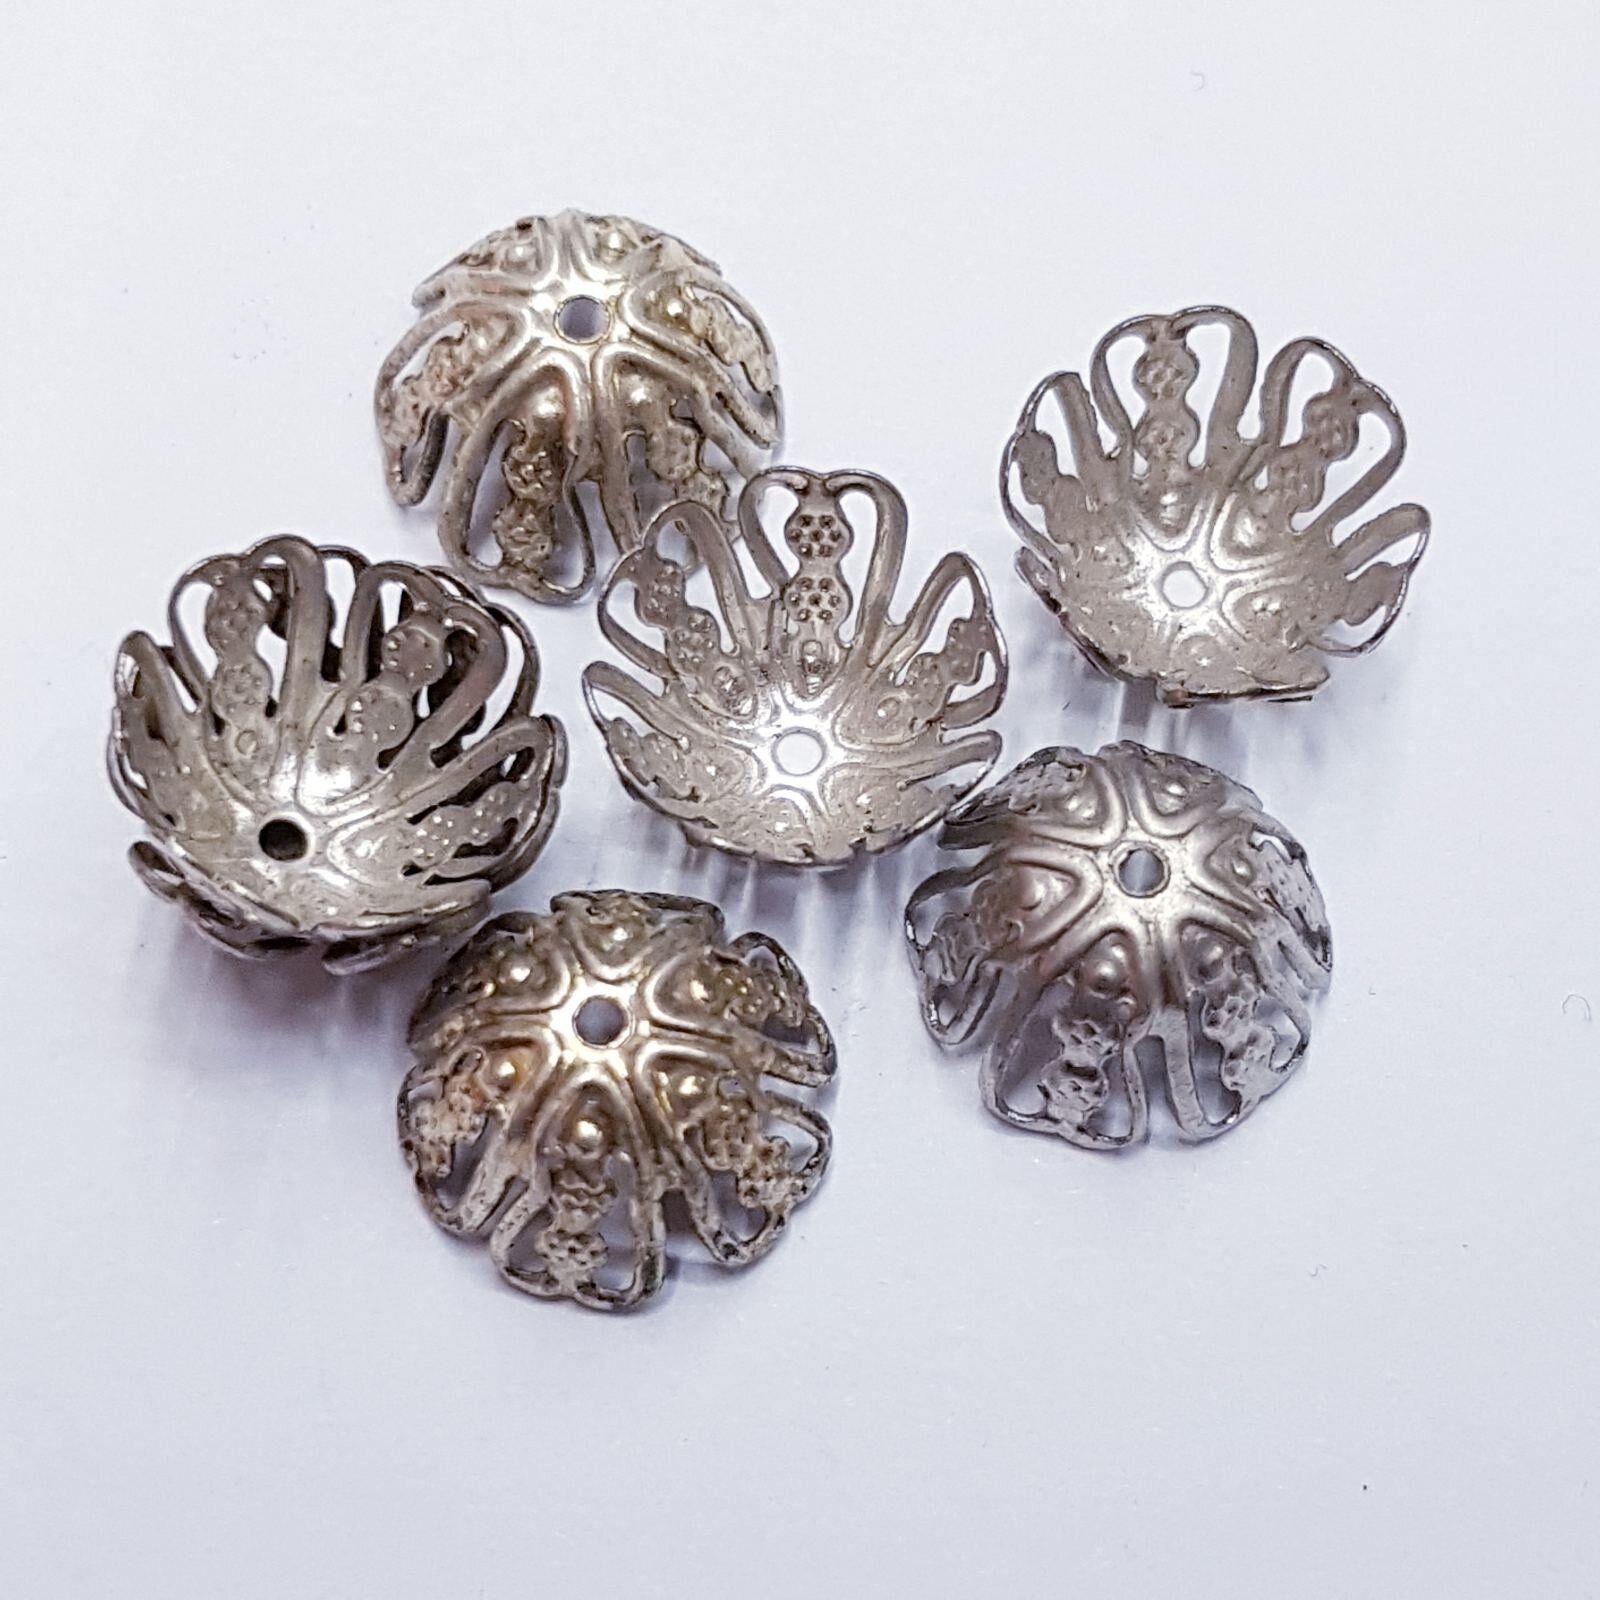 серебряные украшения с патиной фото годы